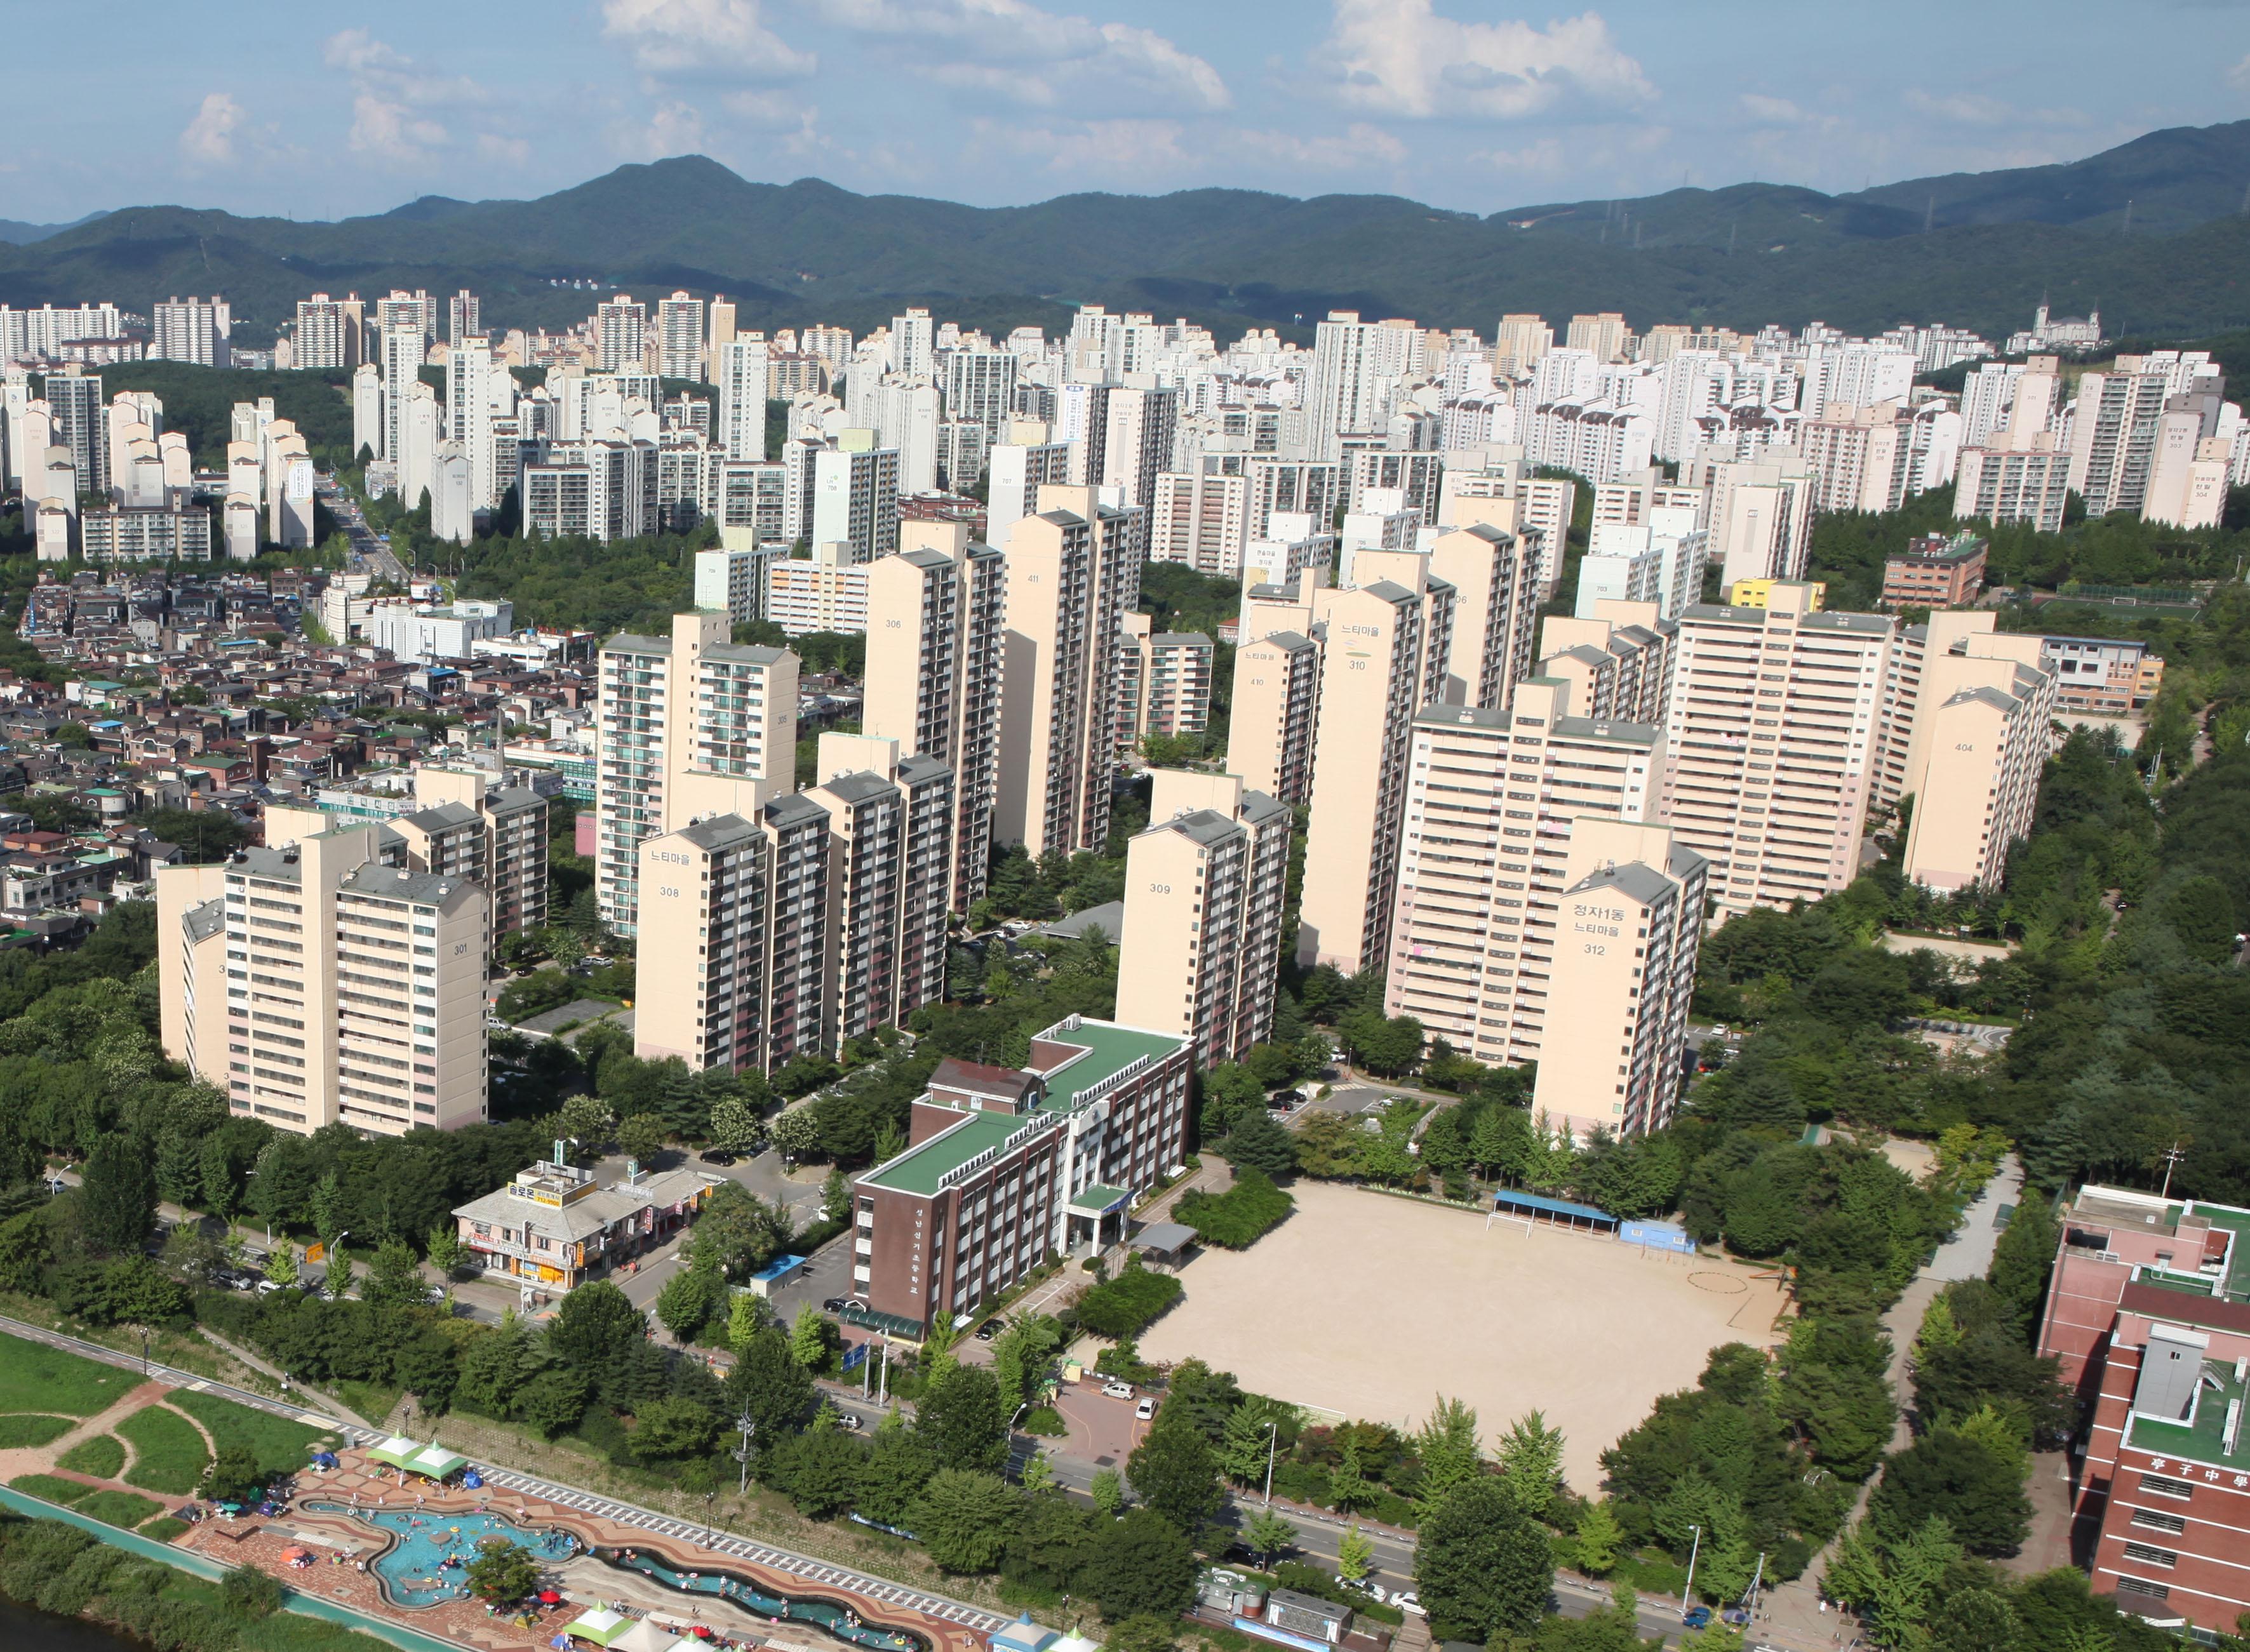 성남시 5년 전 공동주택 리모델링 기본계획 재정비한다